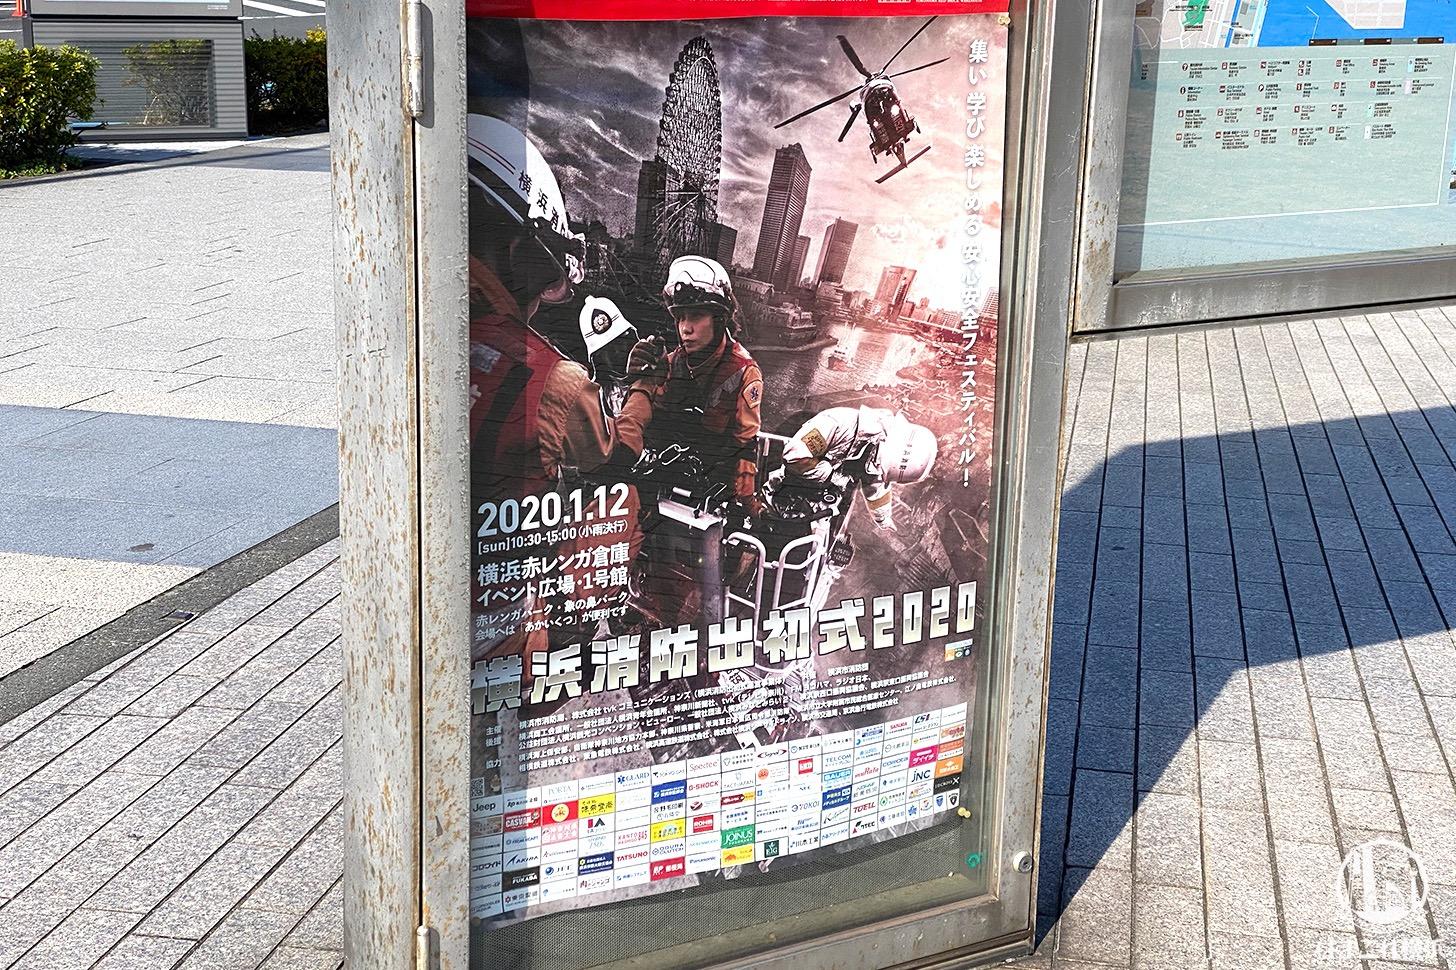 横浜消防出初式2020 横浜赤レンガ倉庫で開催!一斉放水や古式消防演技など